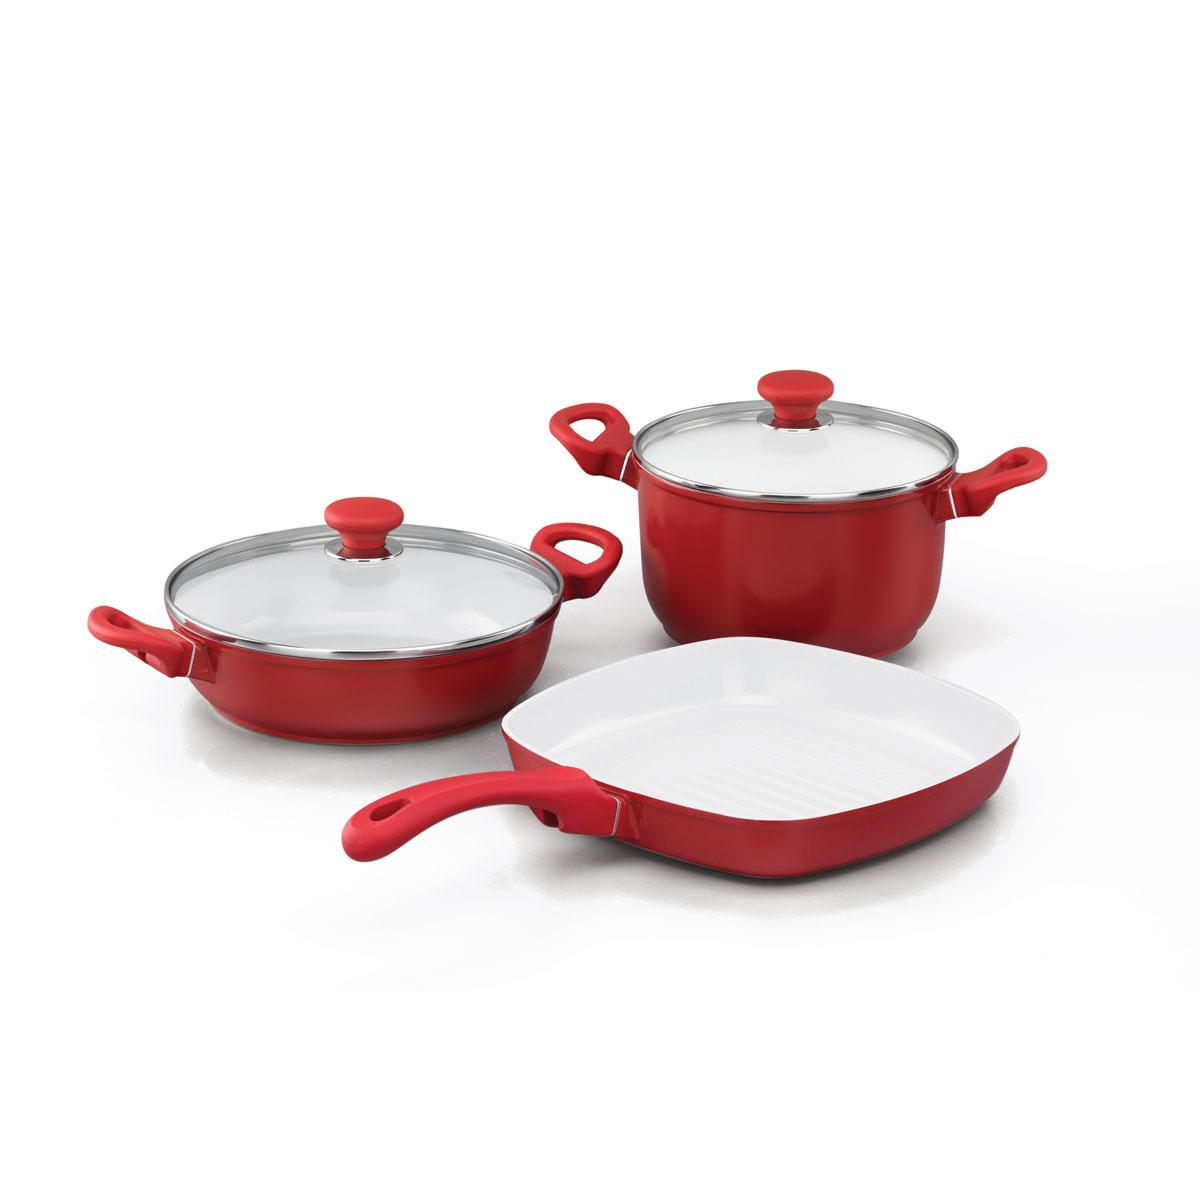 Набор посуды Korkmaz Seravita с керамическим покрытием, цвет: красный, 3 предметаA1516Набор посуды Korkmaz Seravita состоит из кастрюли с крышкой, сотейника с крышкой и сковороды-гриля. Внешнее покрытие красного цвета, внутреннее покрытие - белого цвета. Керамическое внутреннее и наружное покрытие нагревается до +450°С, чрезвычайно устойчиво к механическому воздействию, не выделяет токсичных паров при готовке, не содержит тяжелых металлов (таких как свинец и кадмий), легко моется. При готовке на керамическом покрытии пища не пристает и не пригорает, а масла требуется вдвое меньше по сравнению с другими покрытиями, что позволяет приготовить здоровую, вкусную и полезную пищу без лишних жиров и оксидантов. Кроме того, покрытие абсолютно экологично, так как не содержит тефлоновые составляющие PTFE и PFOA. Основа из высокопрочного алюминия позволяет изделиям быстро нагреваться до высокой температуры и равномерно распределять тепло по всей поверхности. Высокая теплопроводность позволяет быстро готовить даже на медленном огне, а значит, витамины и полезные...